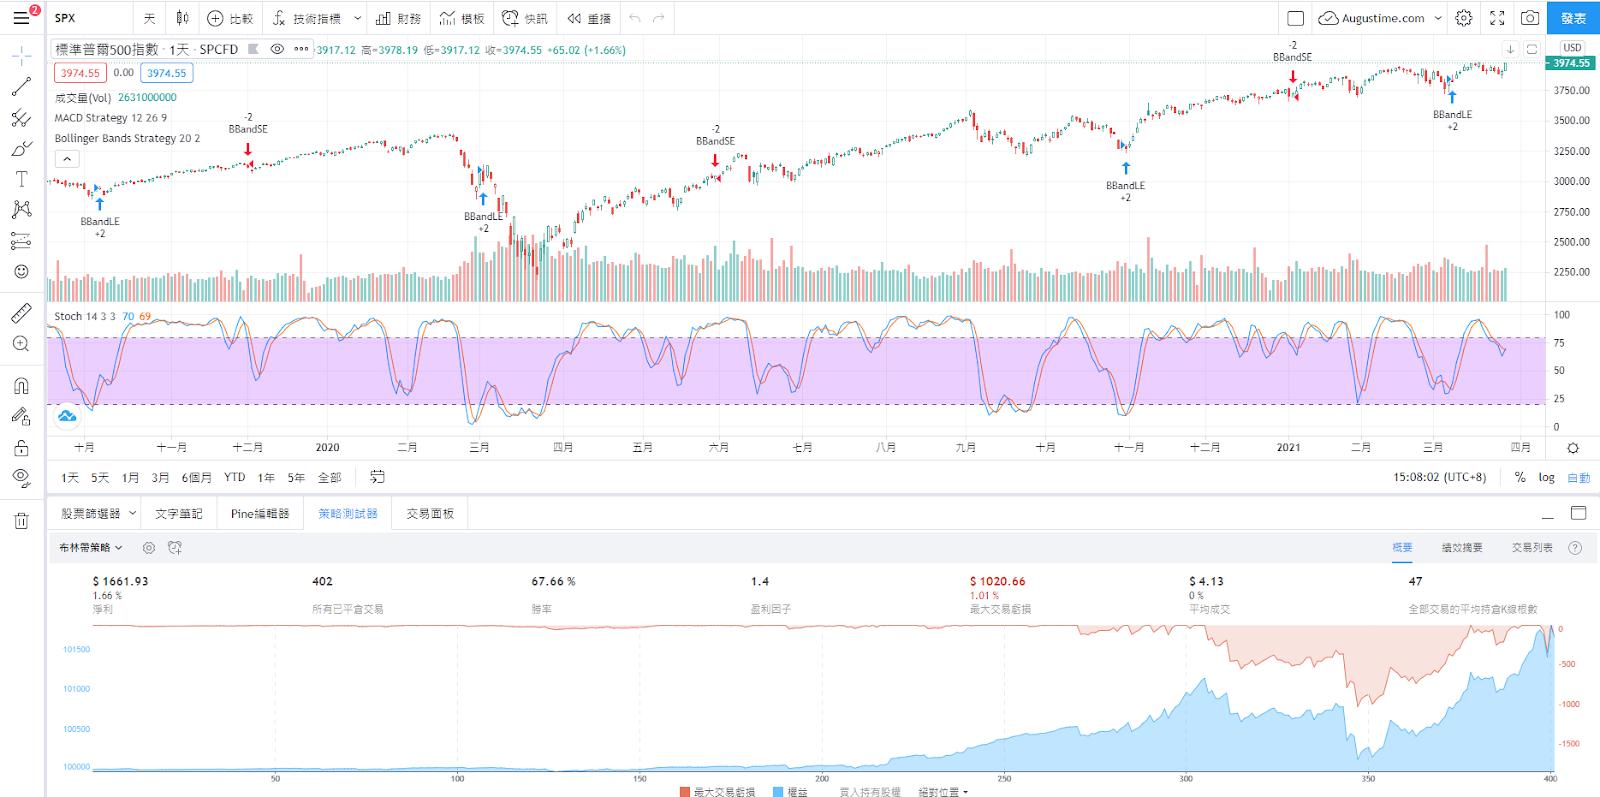 標準普爾指數 S&P500 index K線圖與走勢圖